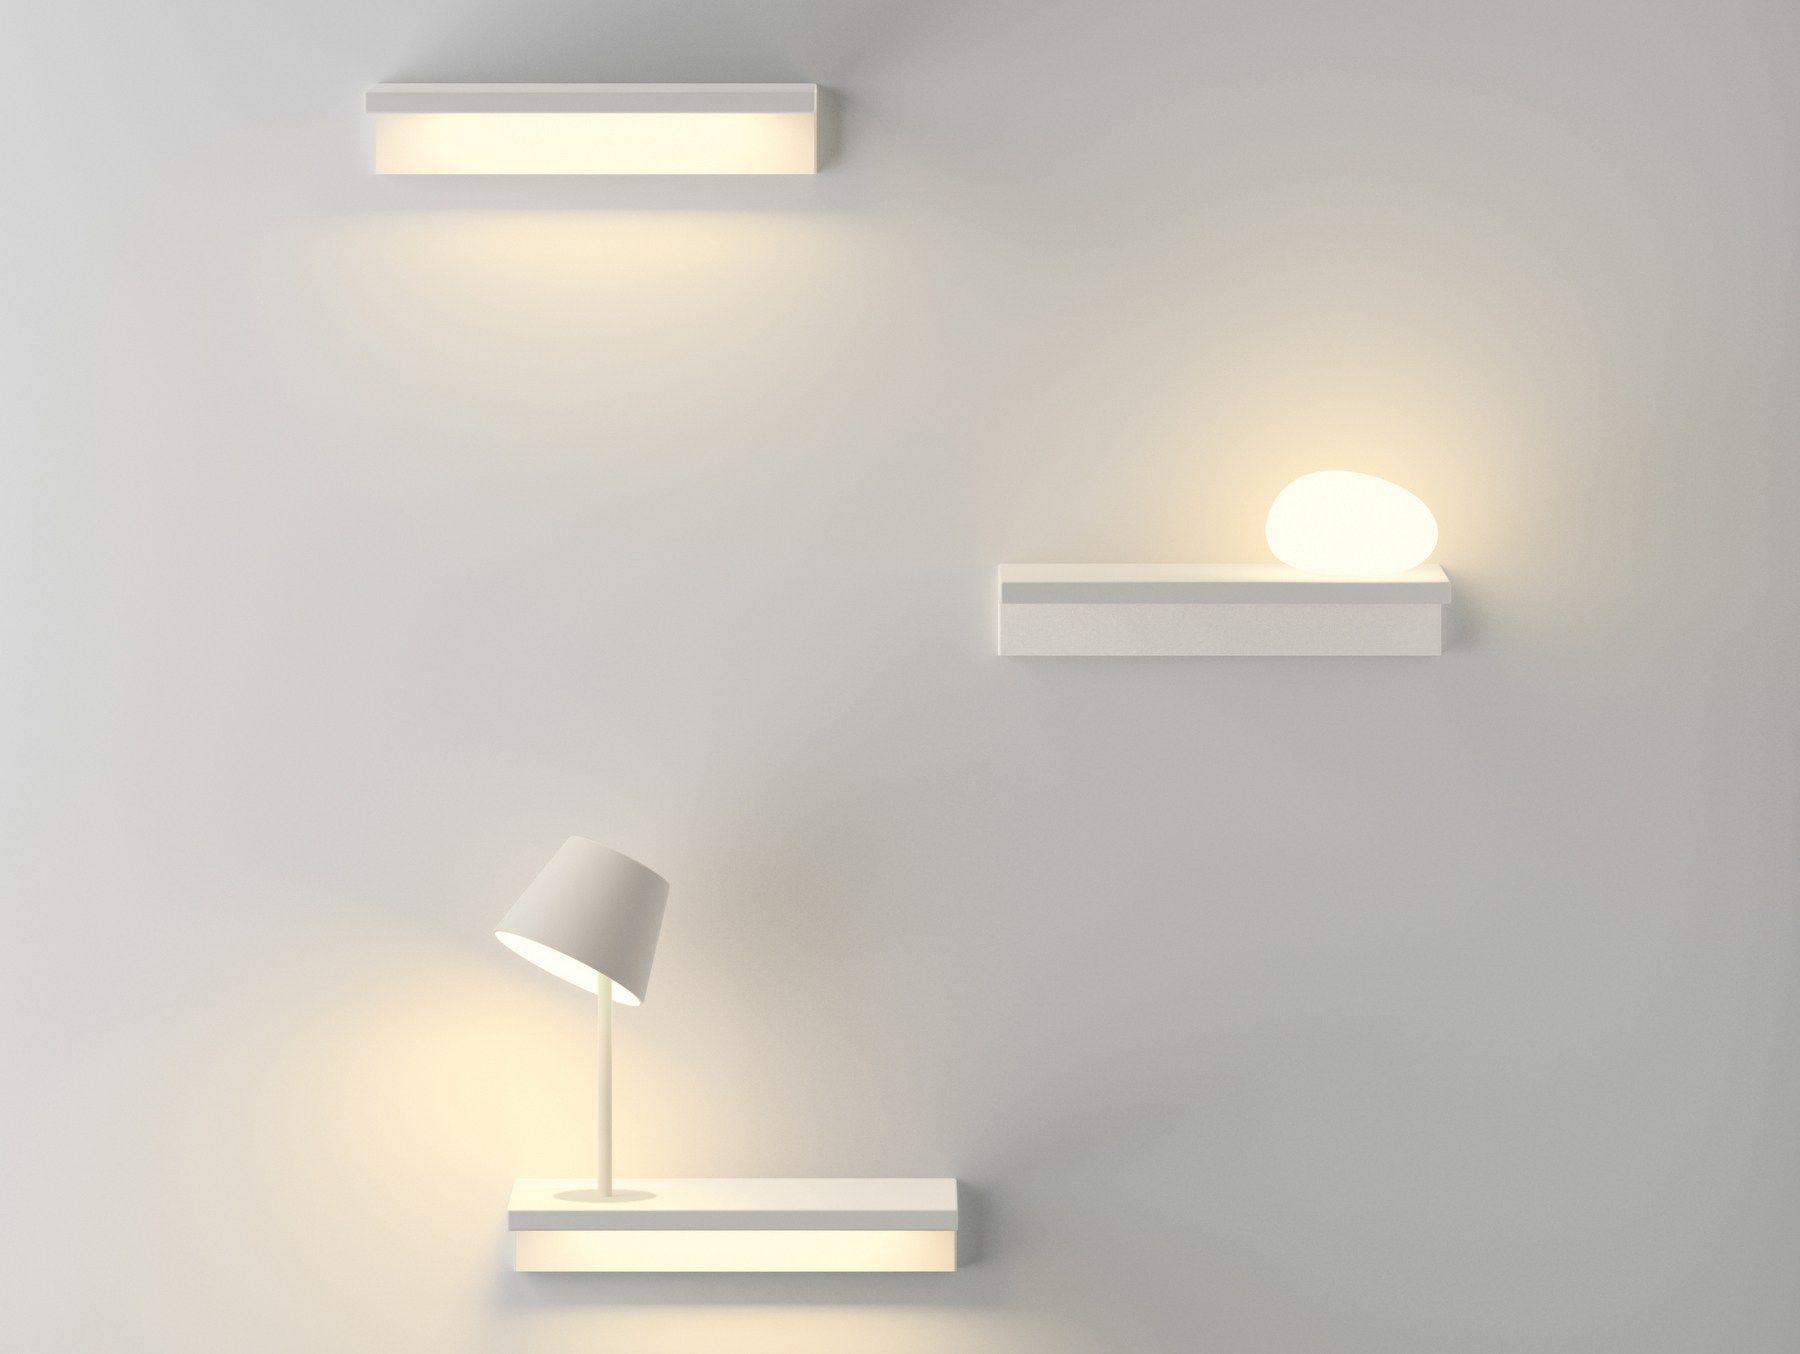 Lámpara de pared LED SUITE 6045 by Vibia dise±o Jordi Vilardell